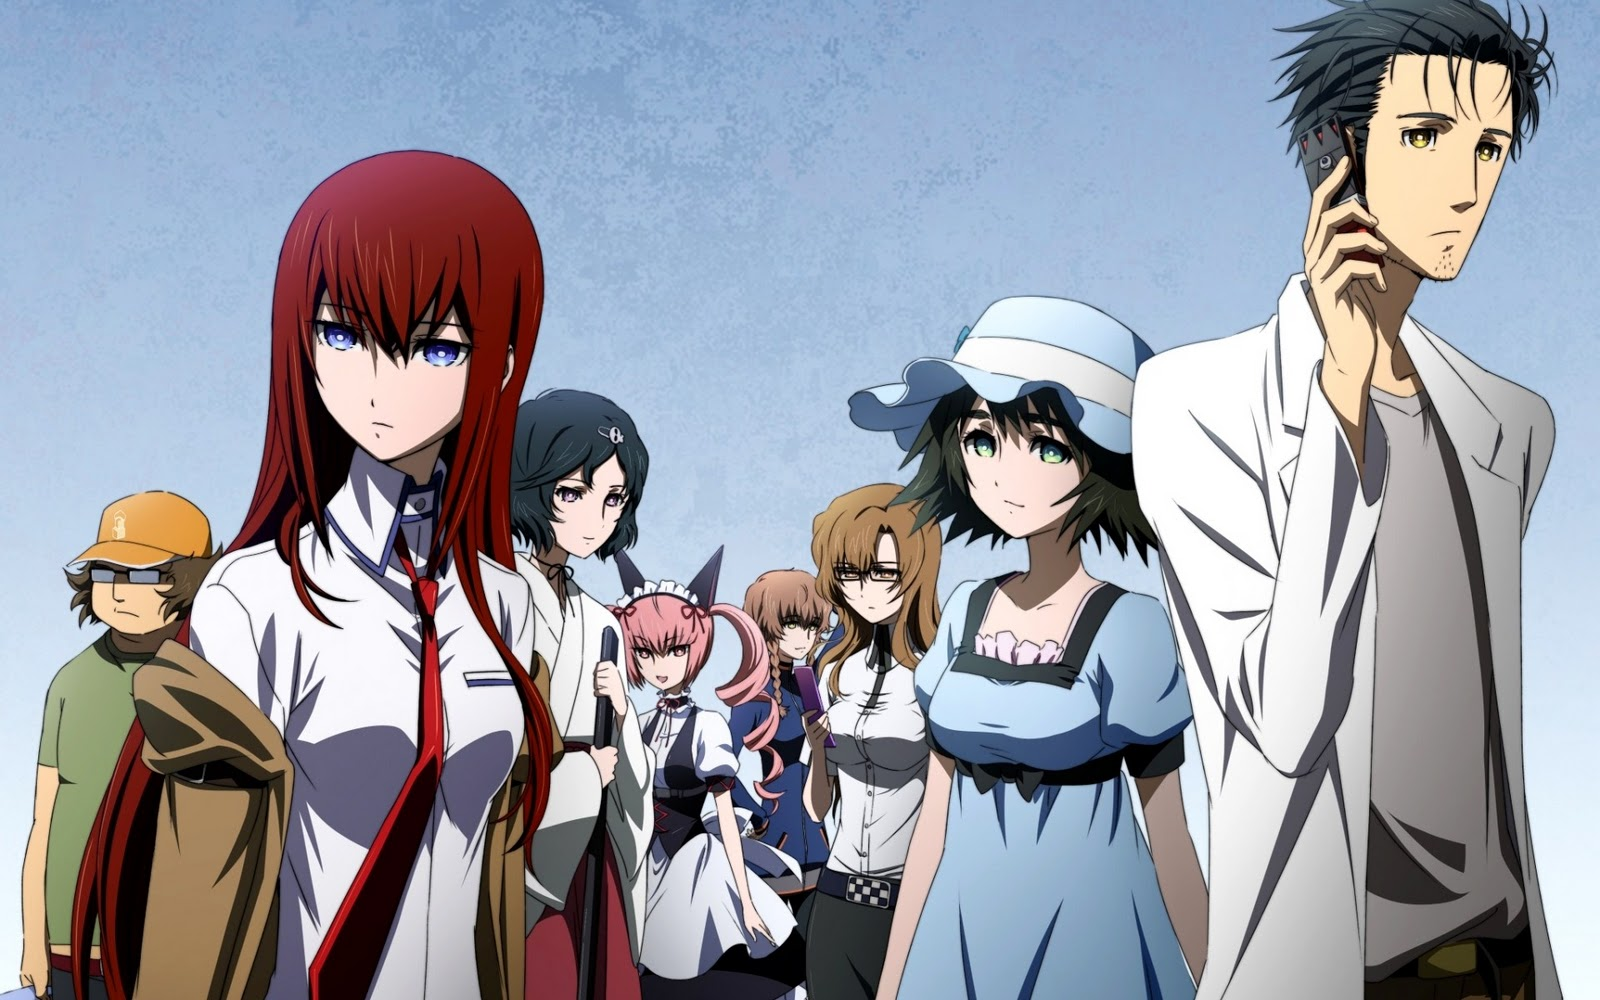 Daftar 10 Anime Paling Populer Tahun 2020, Sudah Nonton? 4